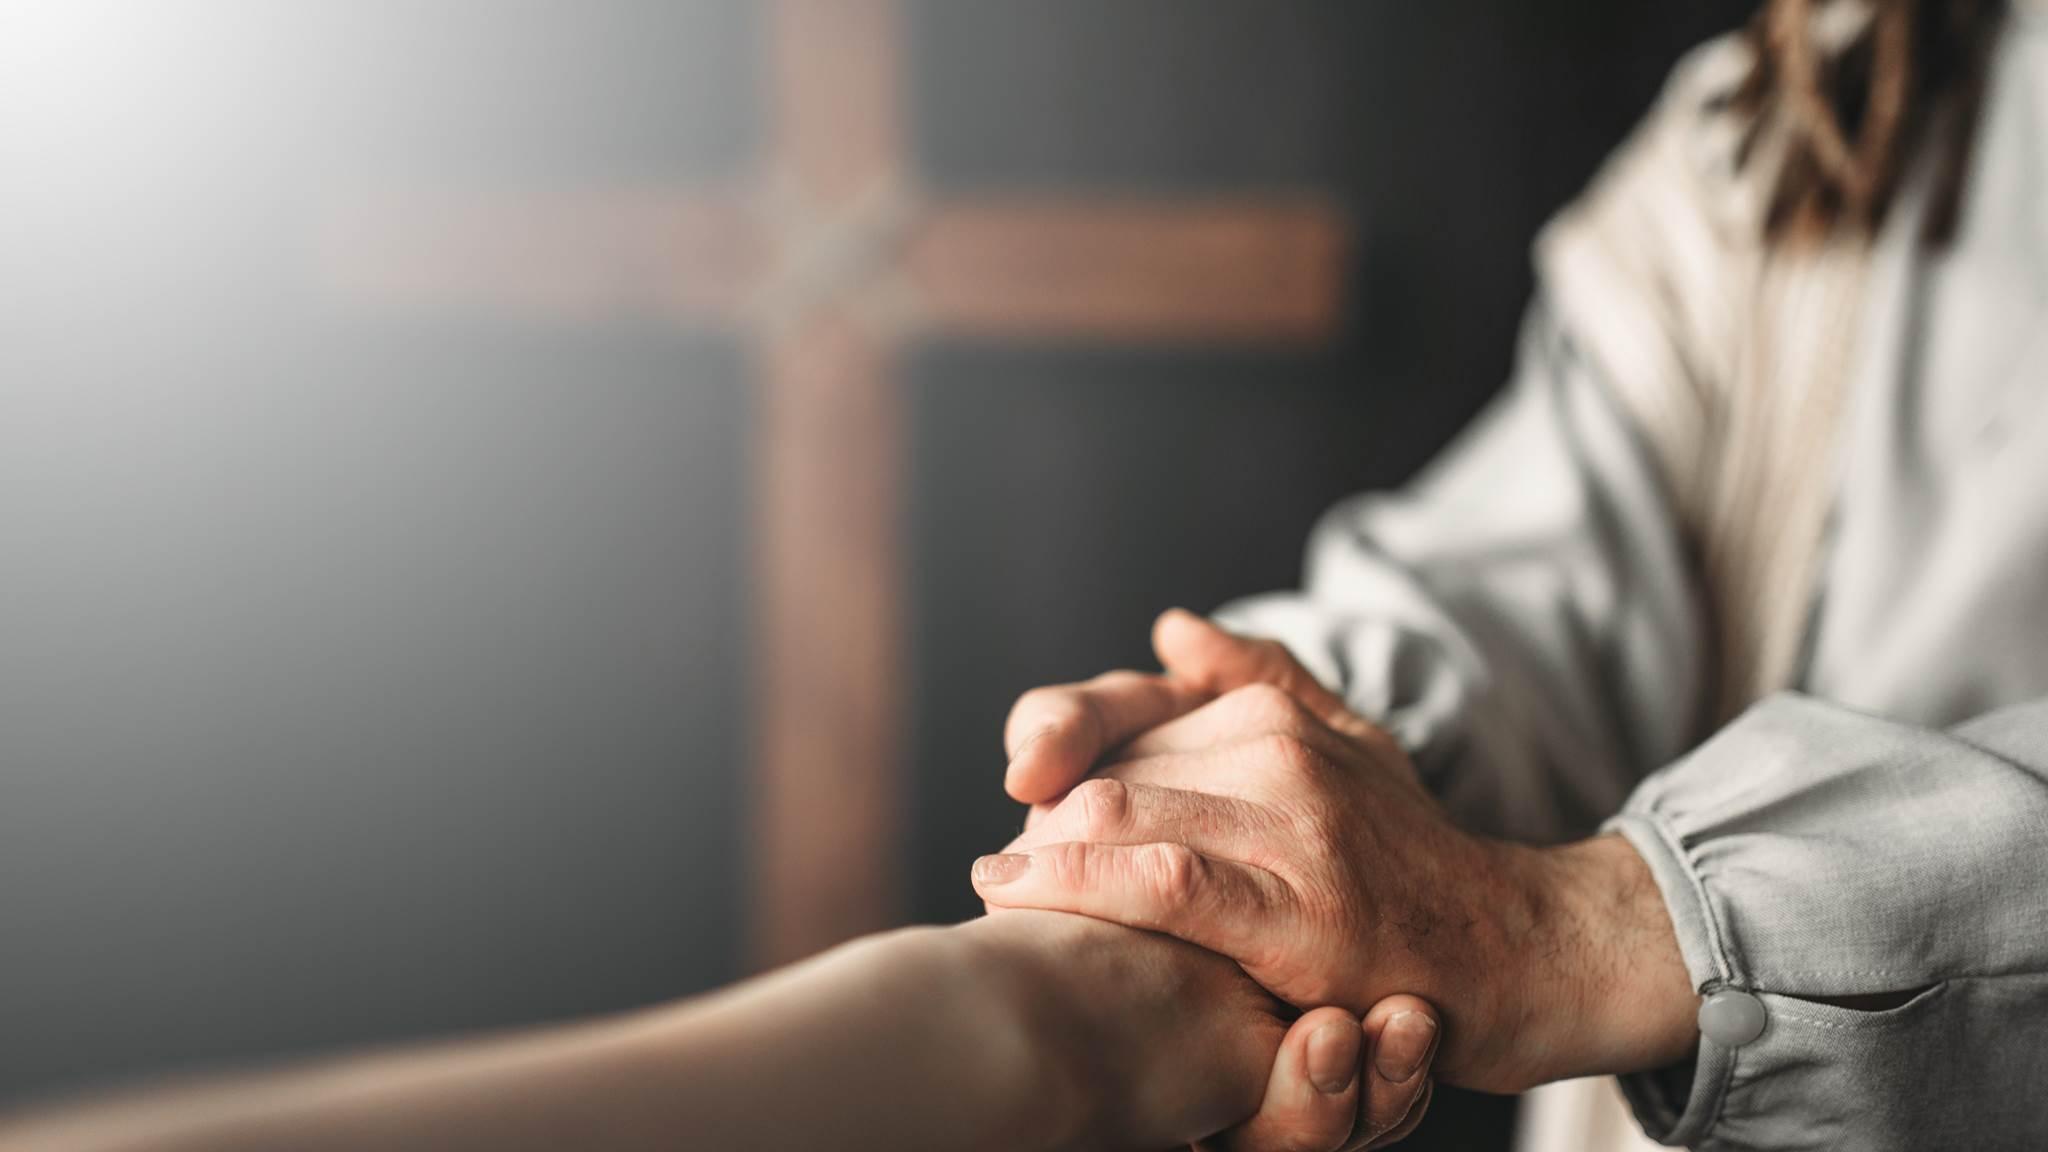 Đừng trở thành bàn tay bại xụi của Chúa